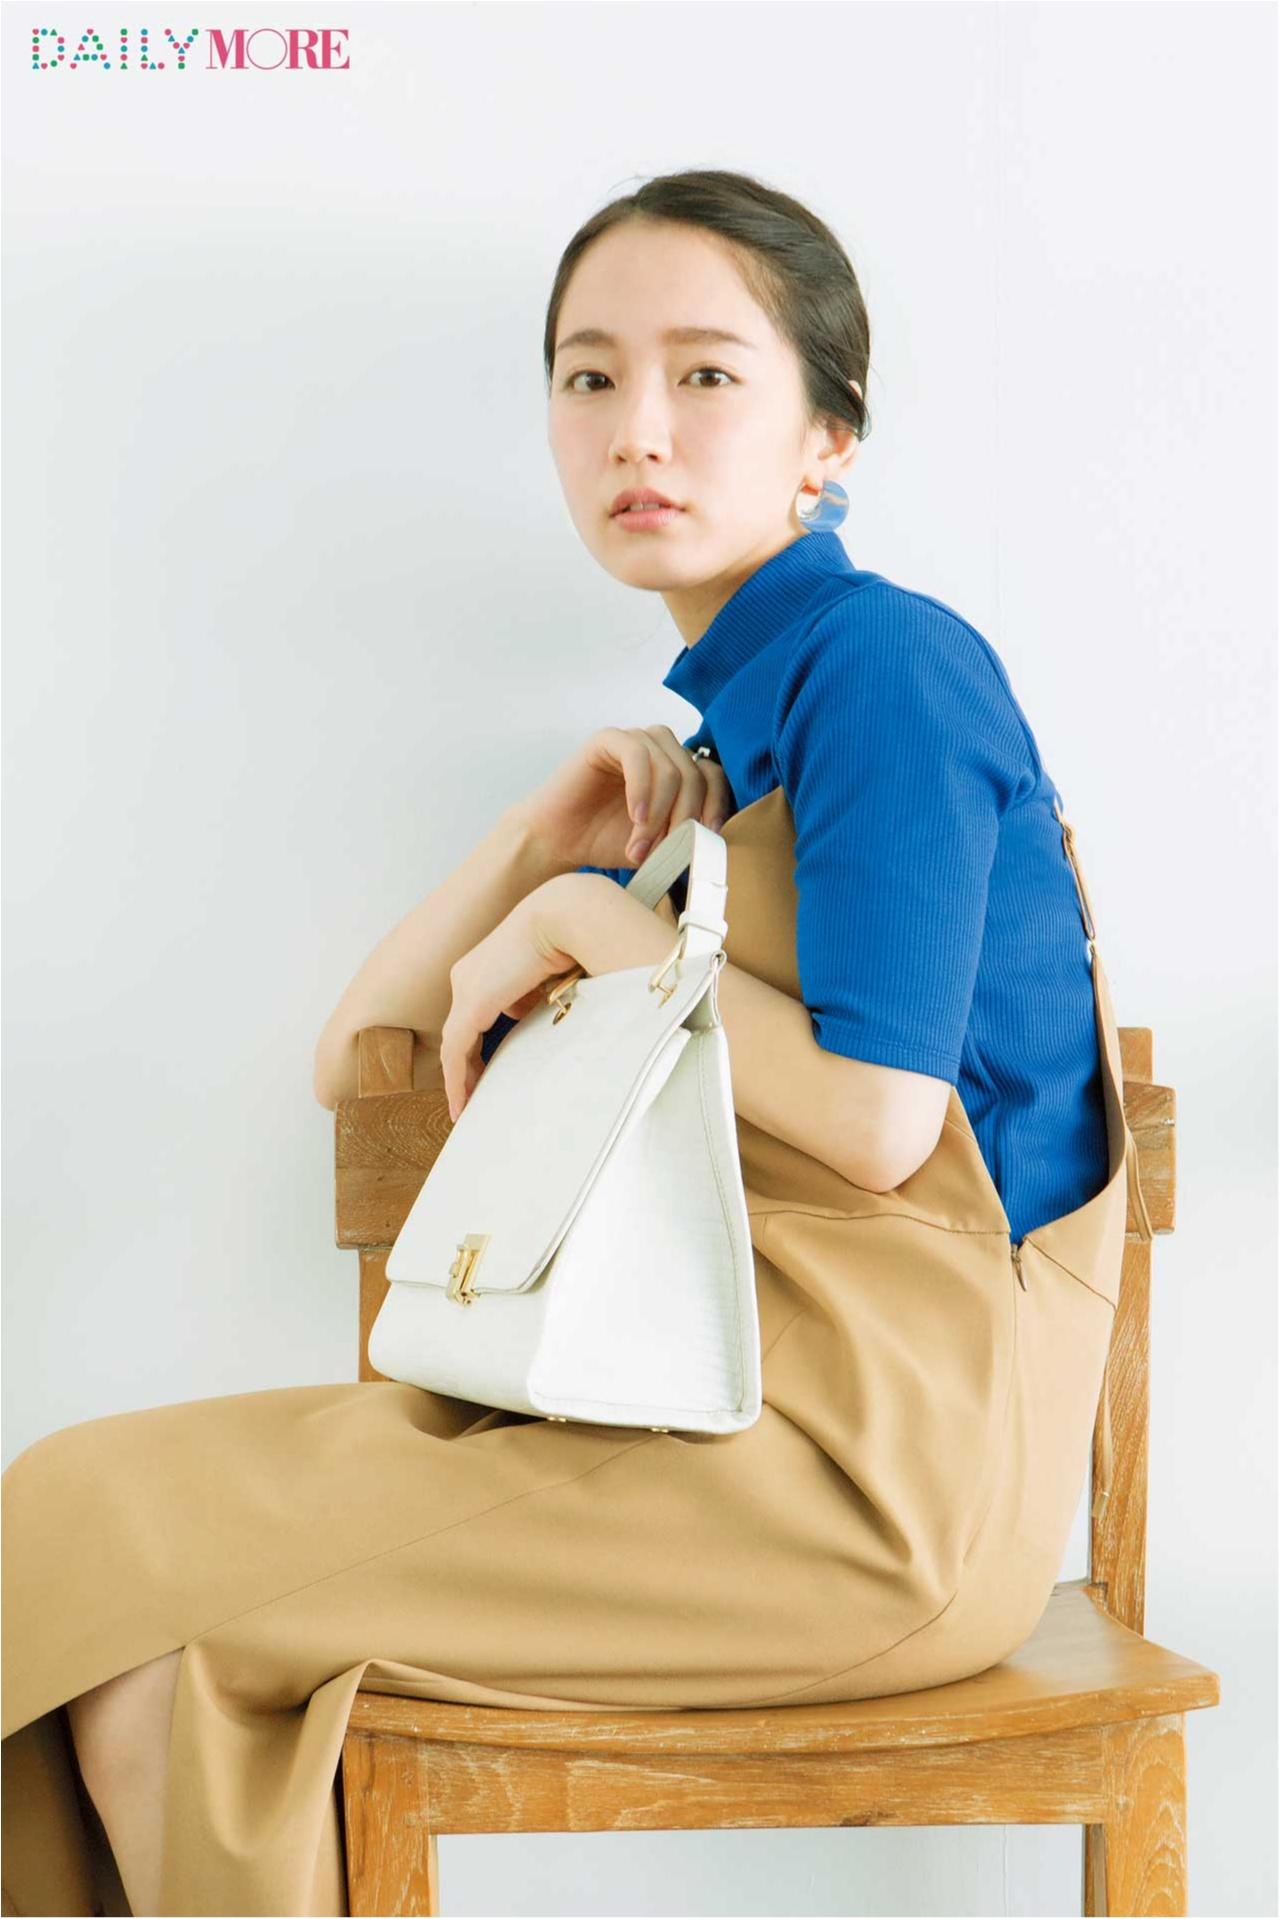 """ドラマ「カルテット」でも話題! 今最も旬な女優、吉岡里帆さんの私物大公開☆ """"バッグの中身のおこだわりを見せて!""""_1"""